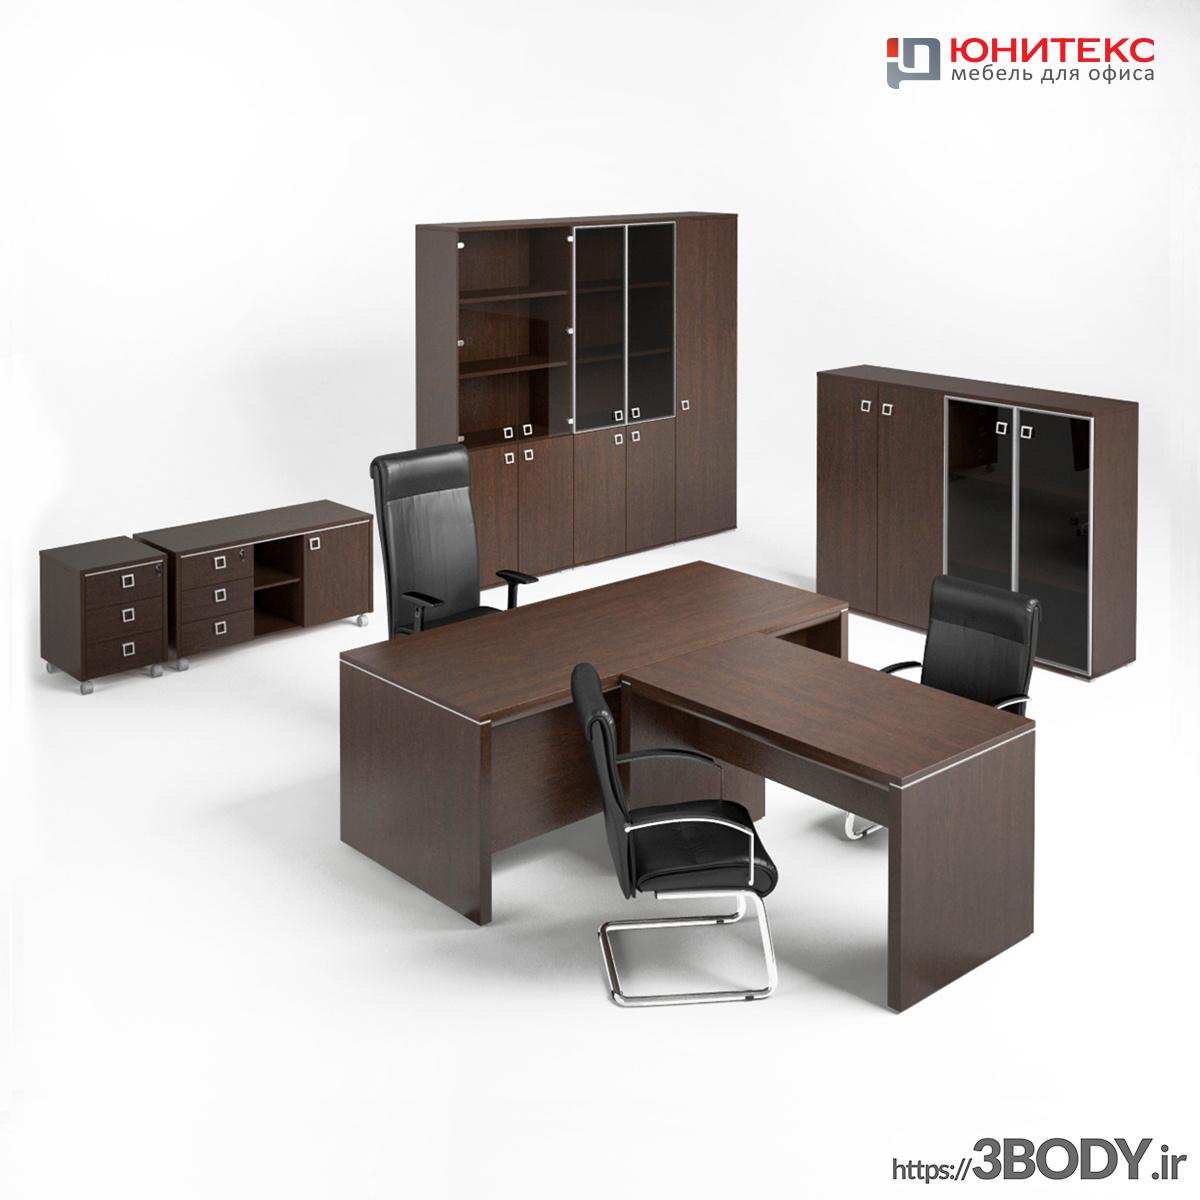 آبجکت سه بعدی میزو صندلی و کابینت اداری عکس 3